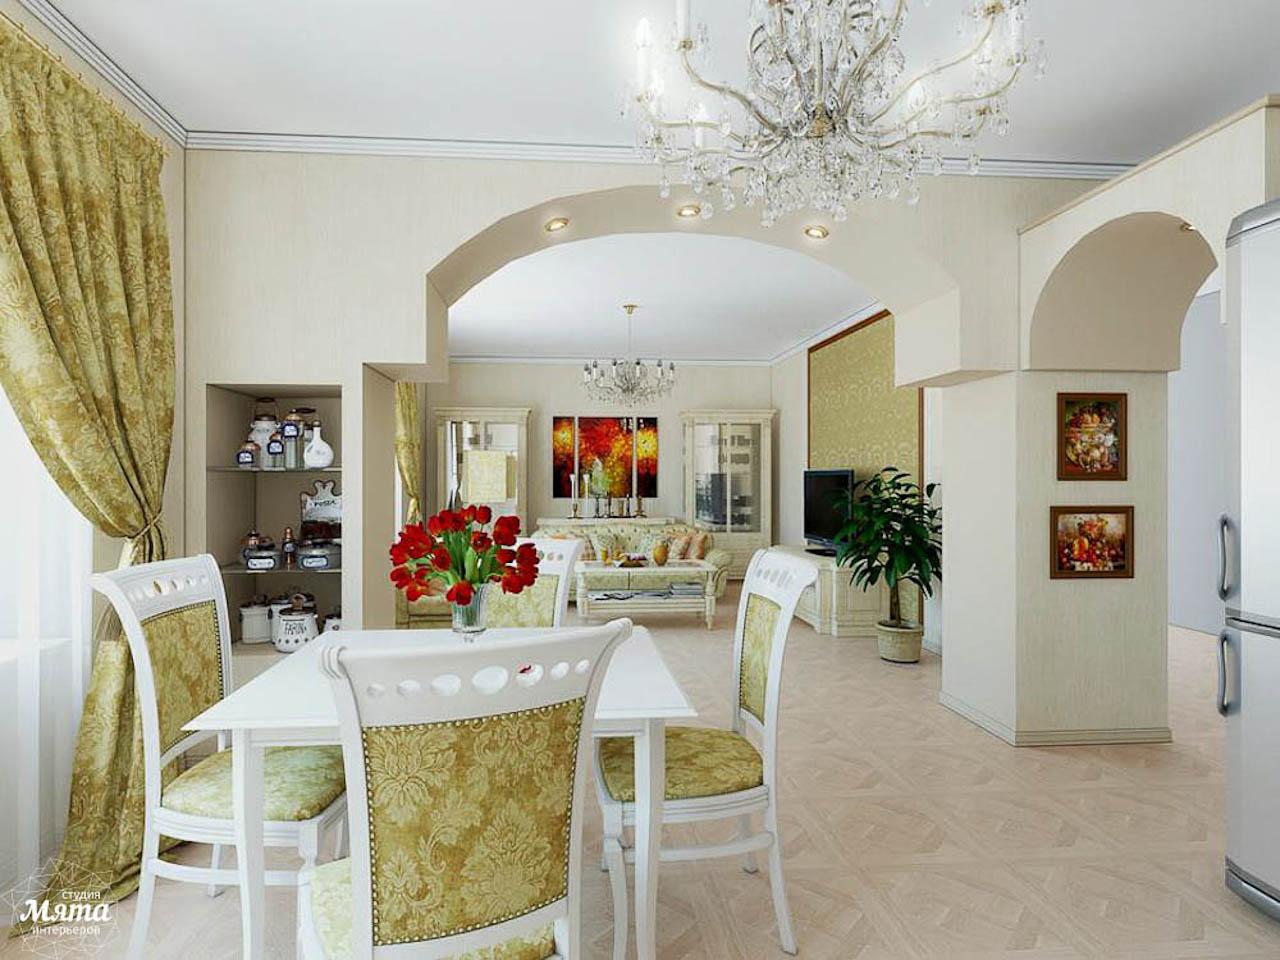 Дизайн интерьера коттеджа в п. Верхнее Дуброво img1650457912